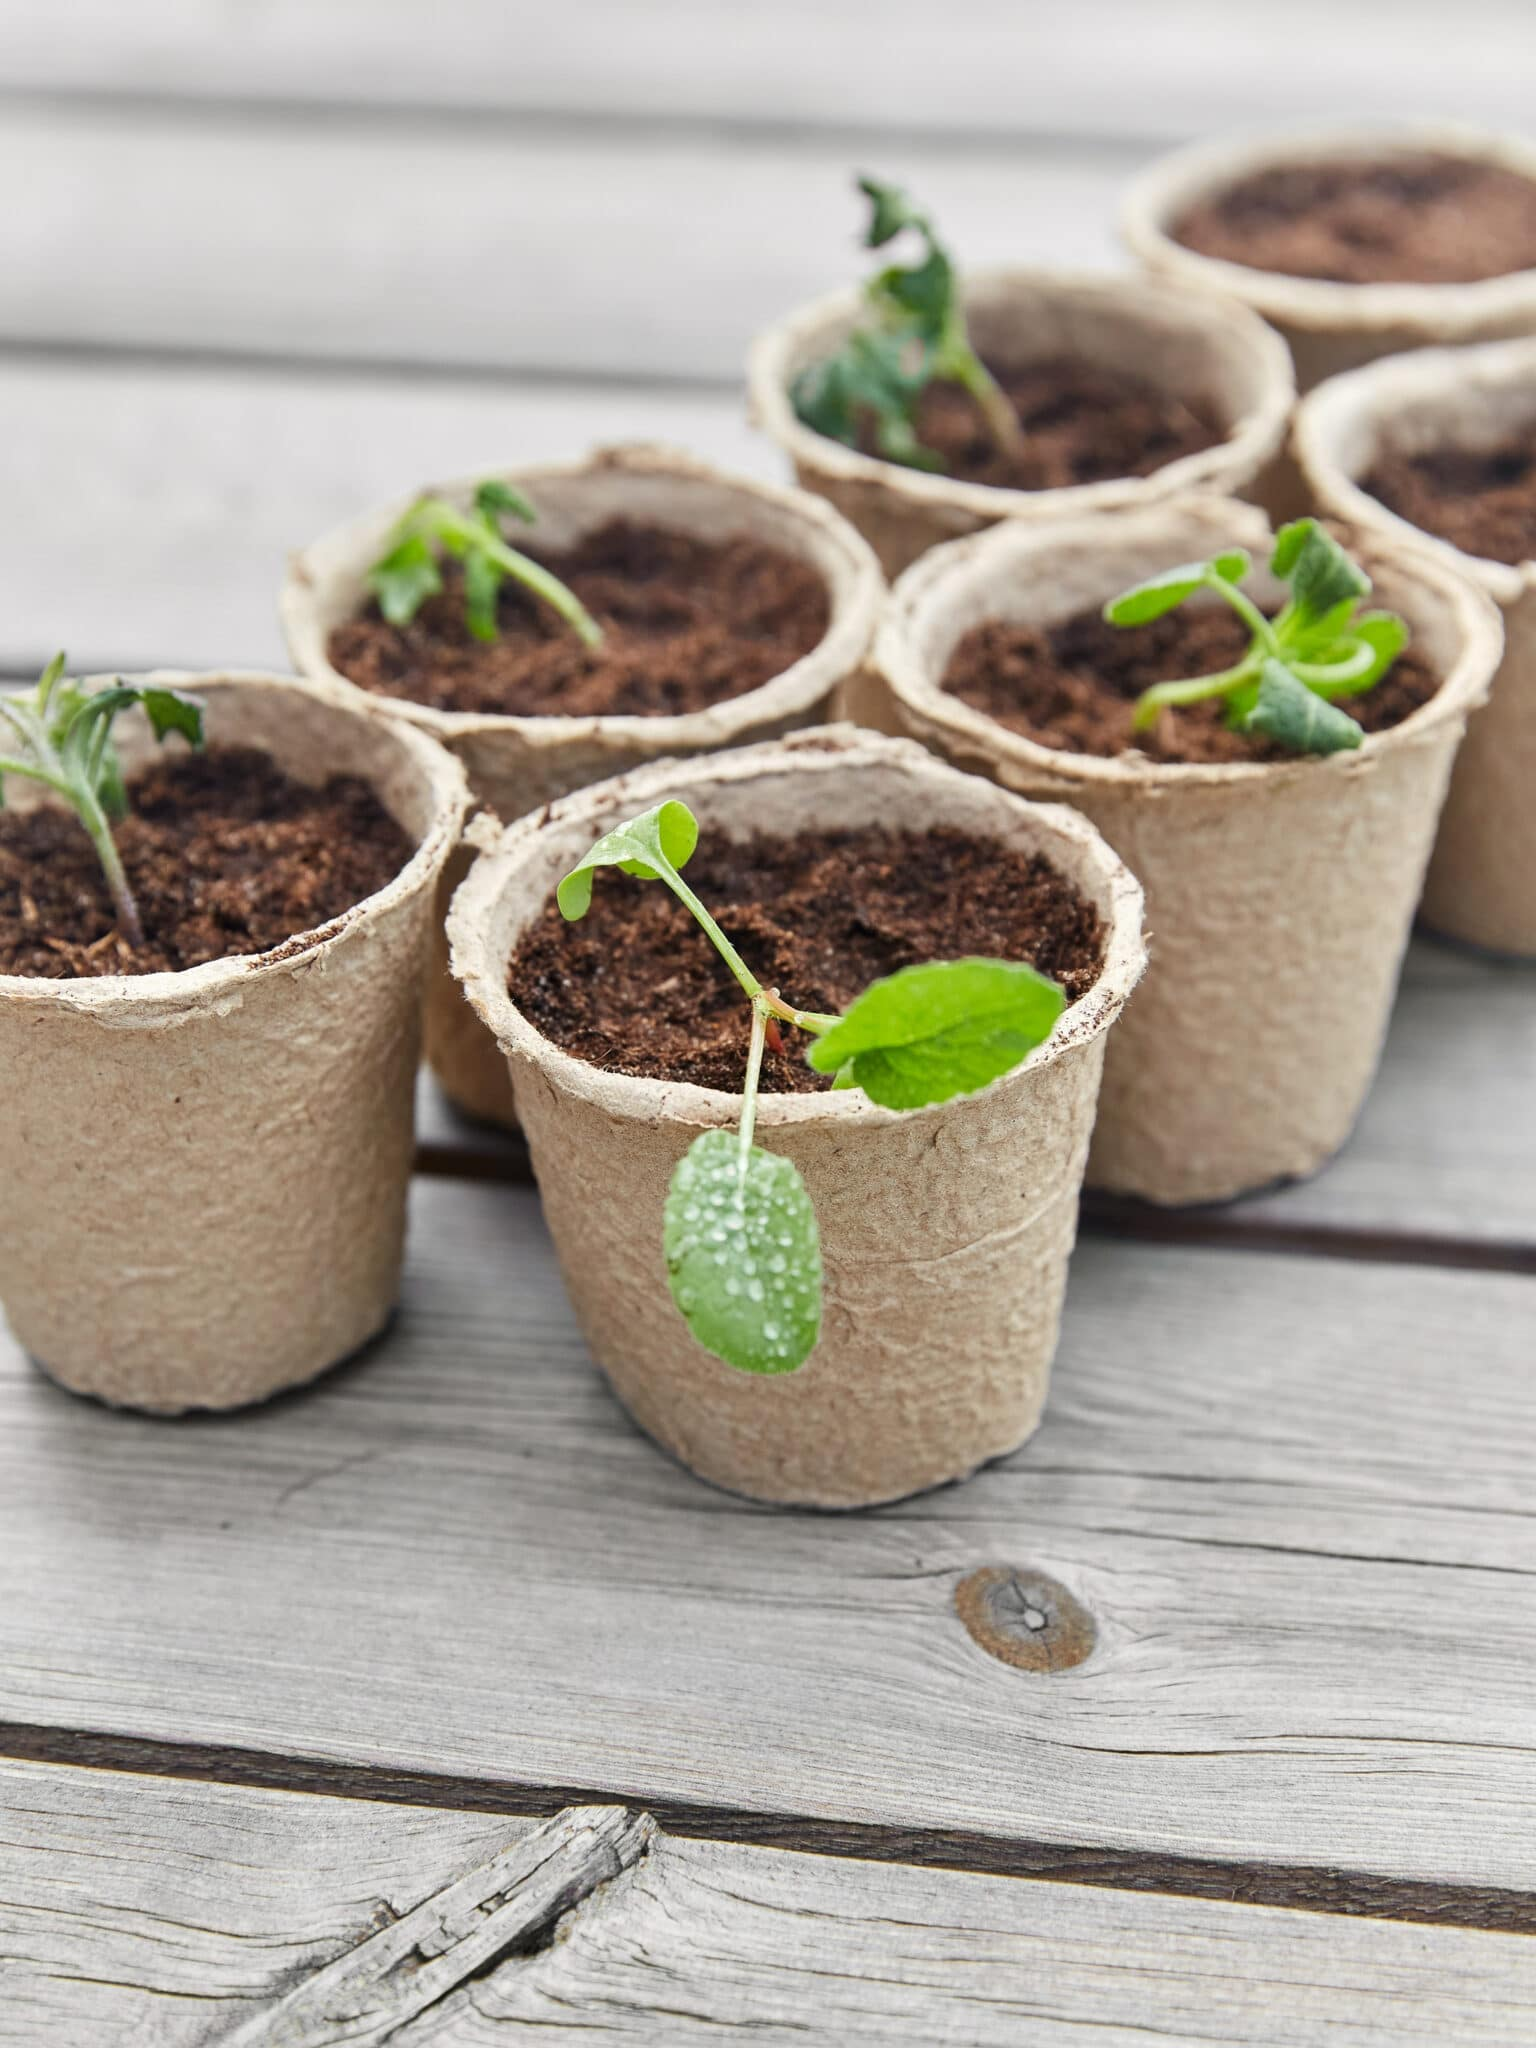 Vegetable seedlings growing indoors.